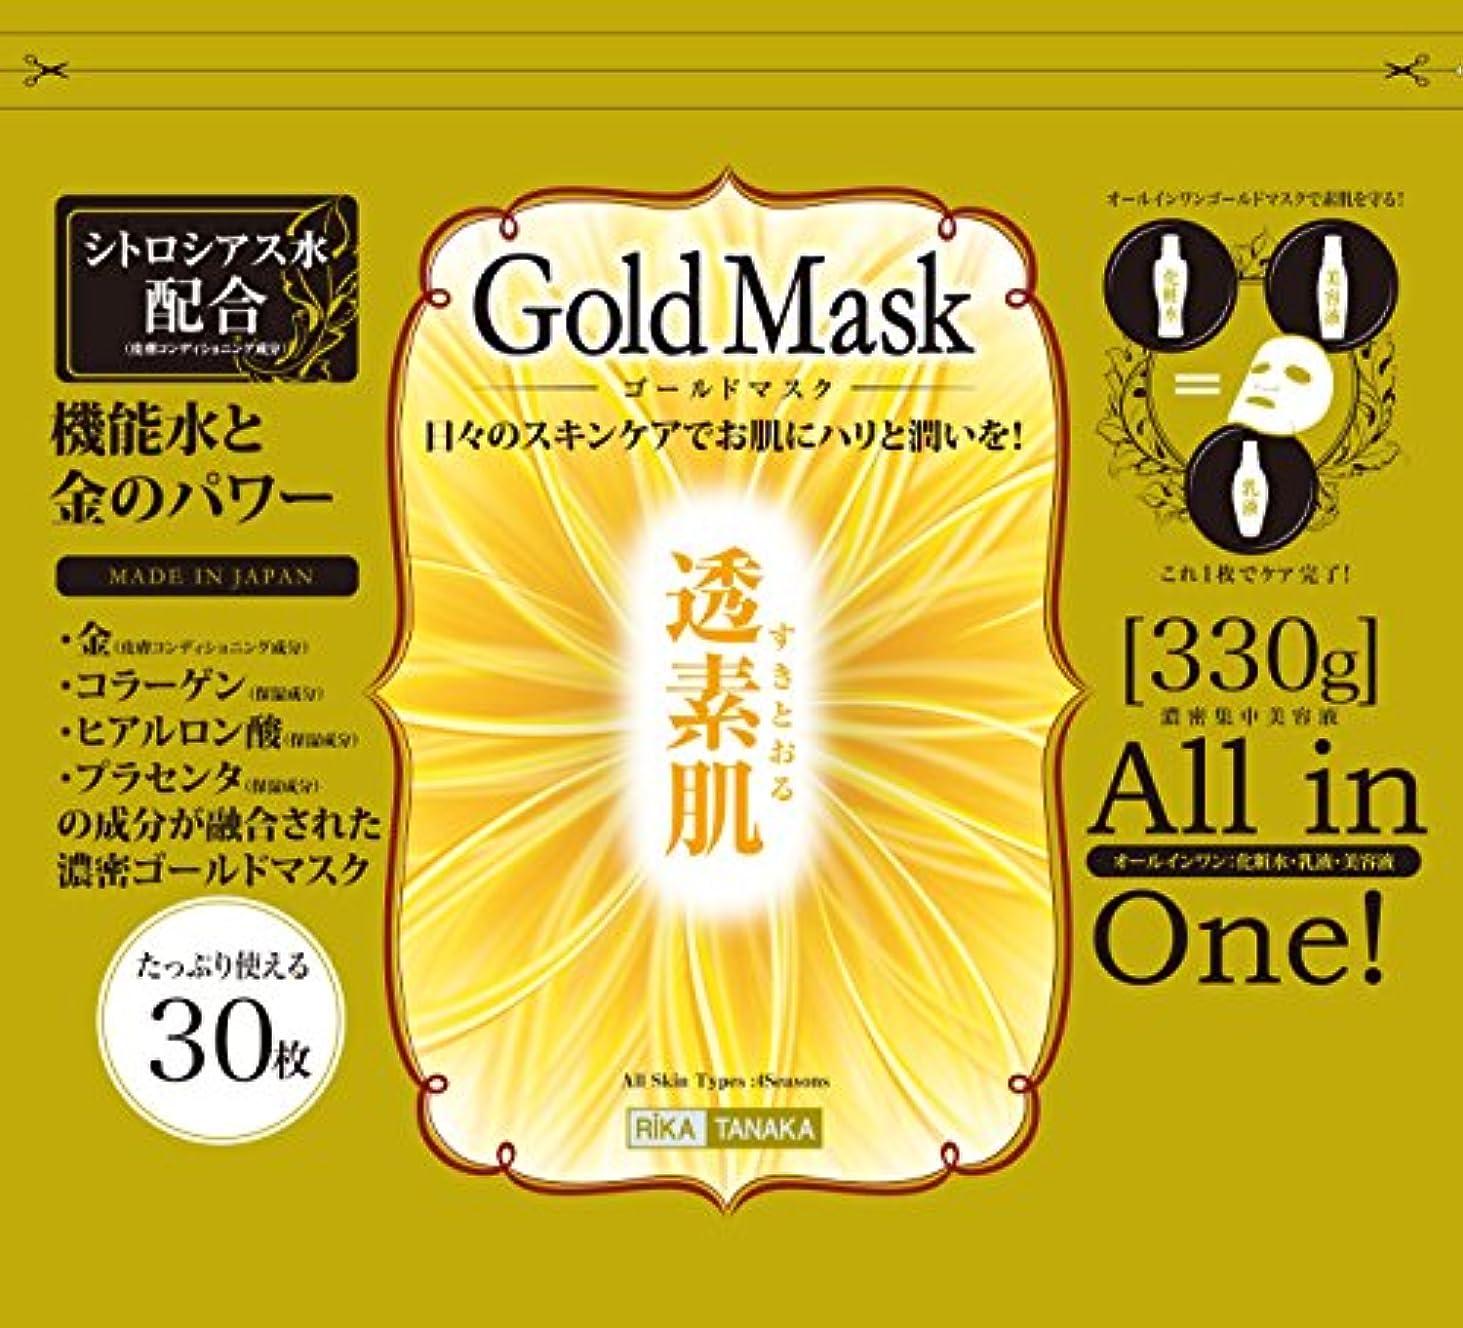 出します肉の友だち金箔入りフェイスマスク 透素肌ゴールドマスク